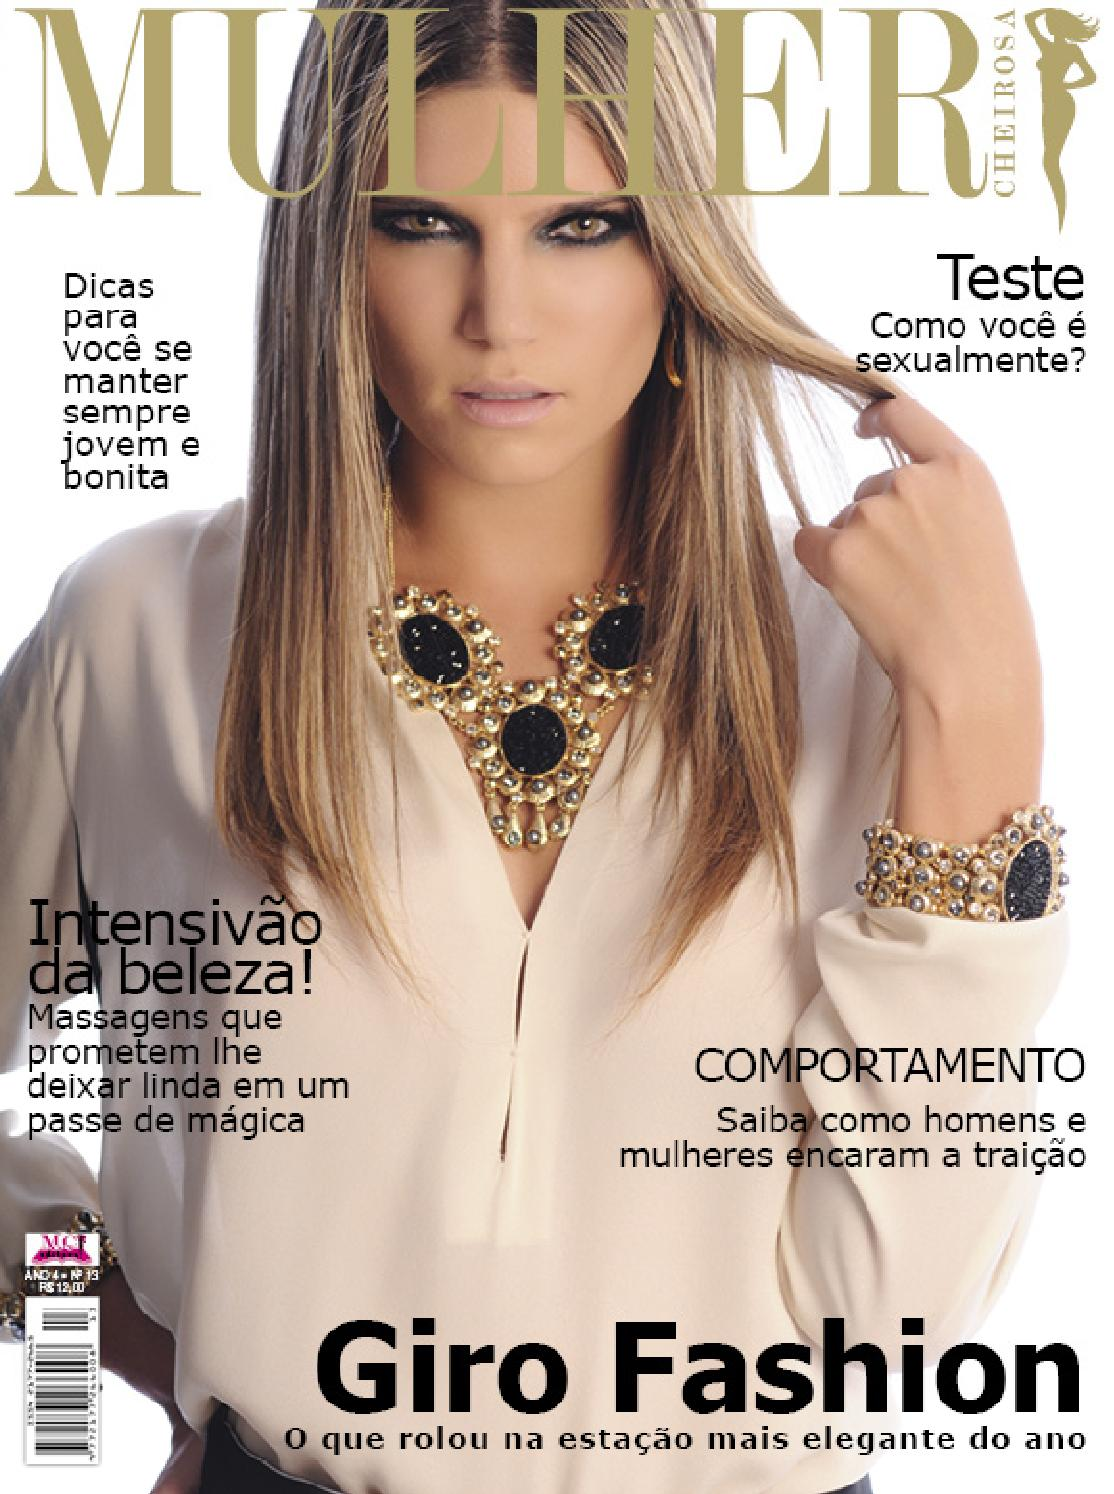 Revista mulher cheirosa 13ª edição by Jessika - issuu cdf8ef46ef0